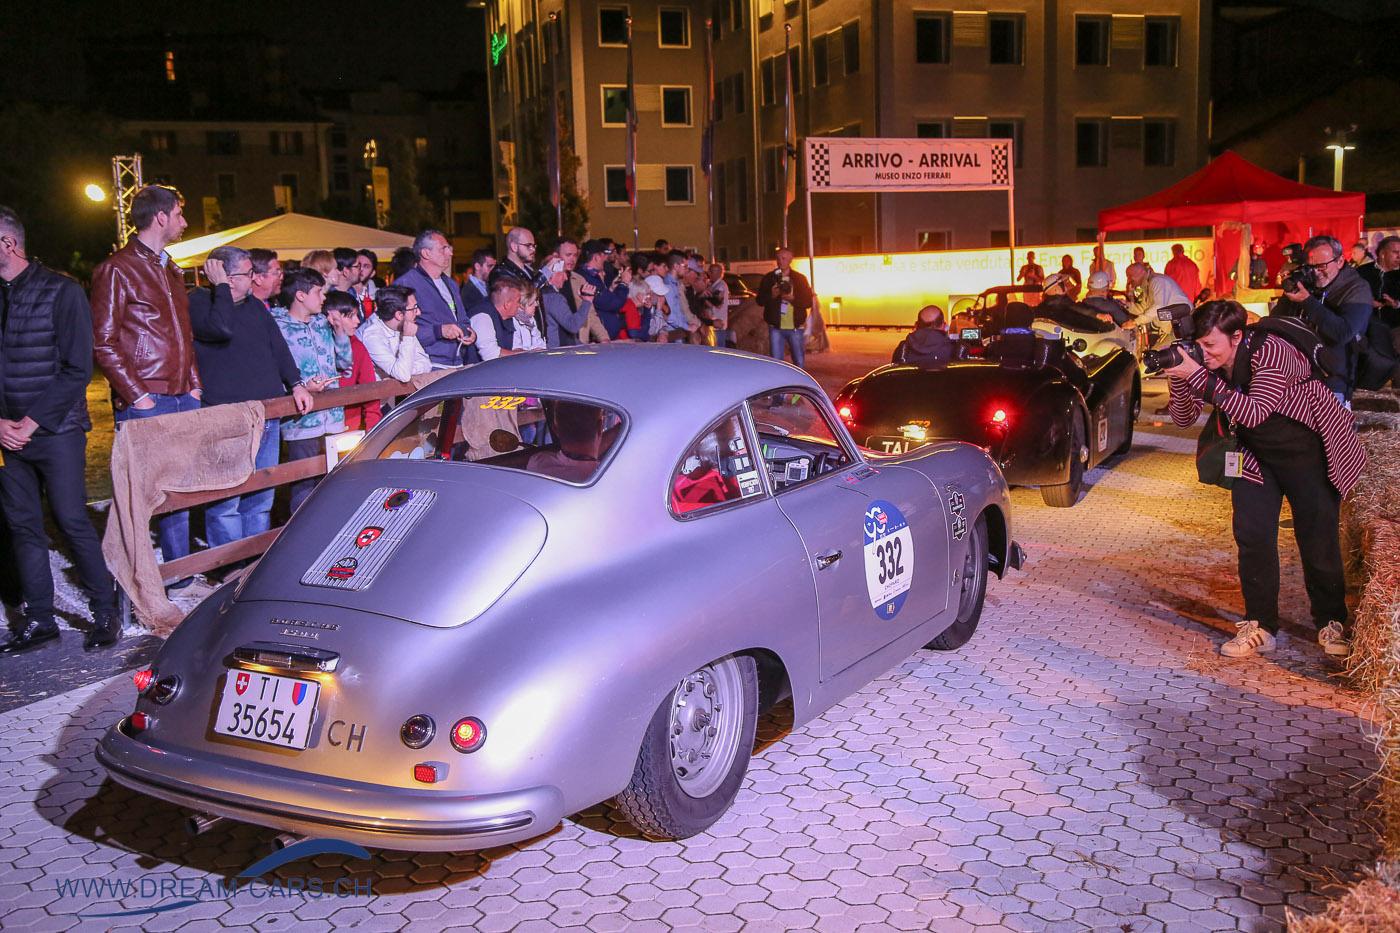 Mille Miglia 2017, 3. Tag Samstag, Etappe Rom - Parma. Ein Porsche 356 bei der Duchfahrt im Museo Enzo Ferrari in